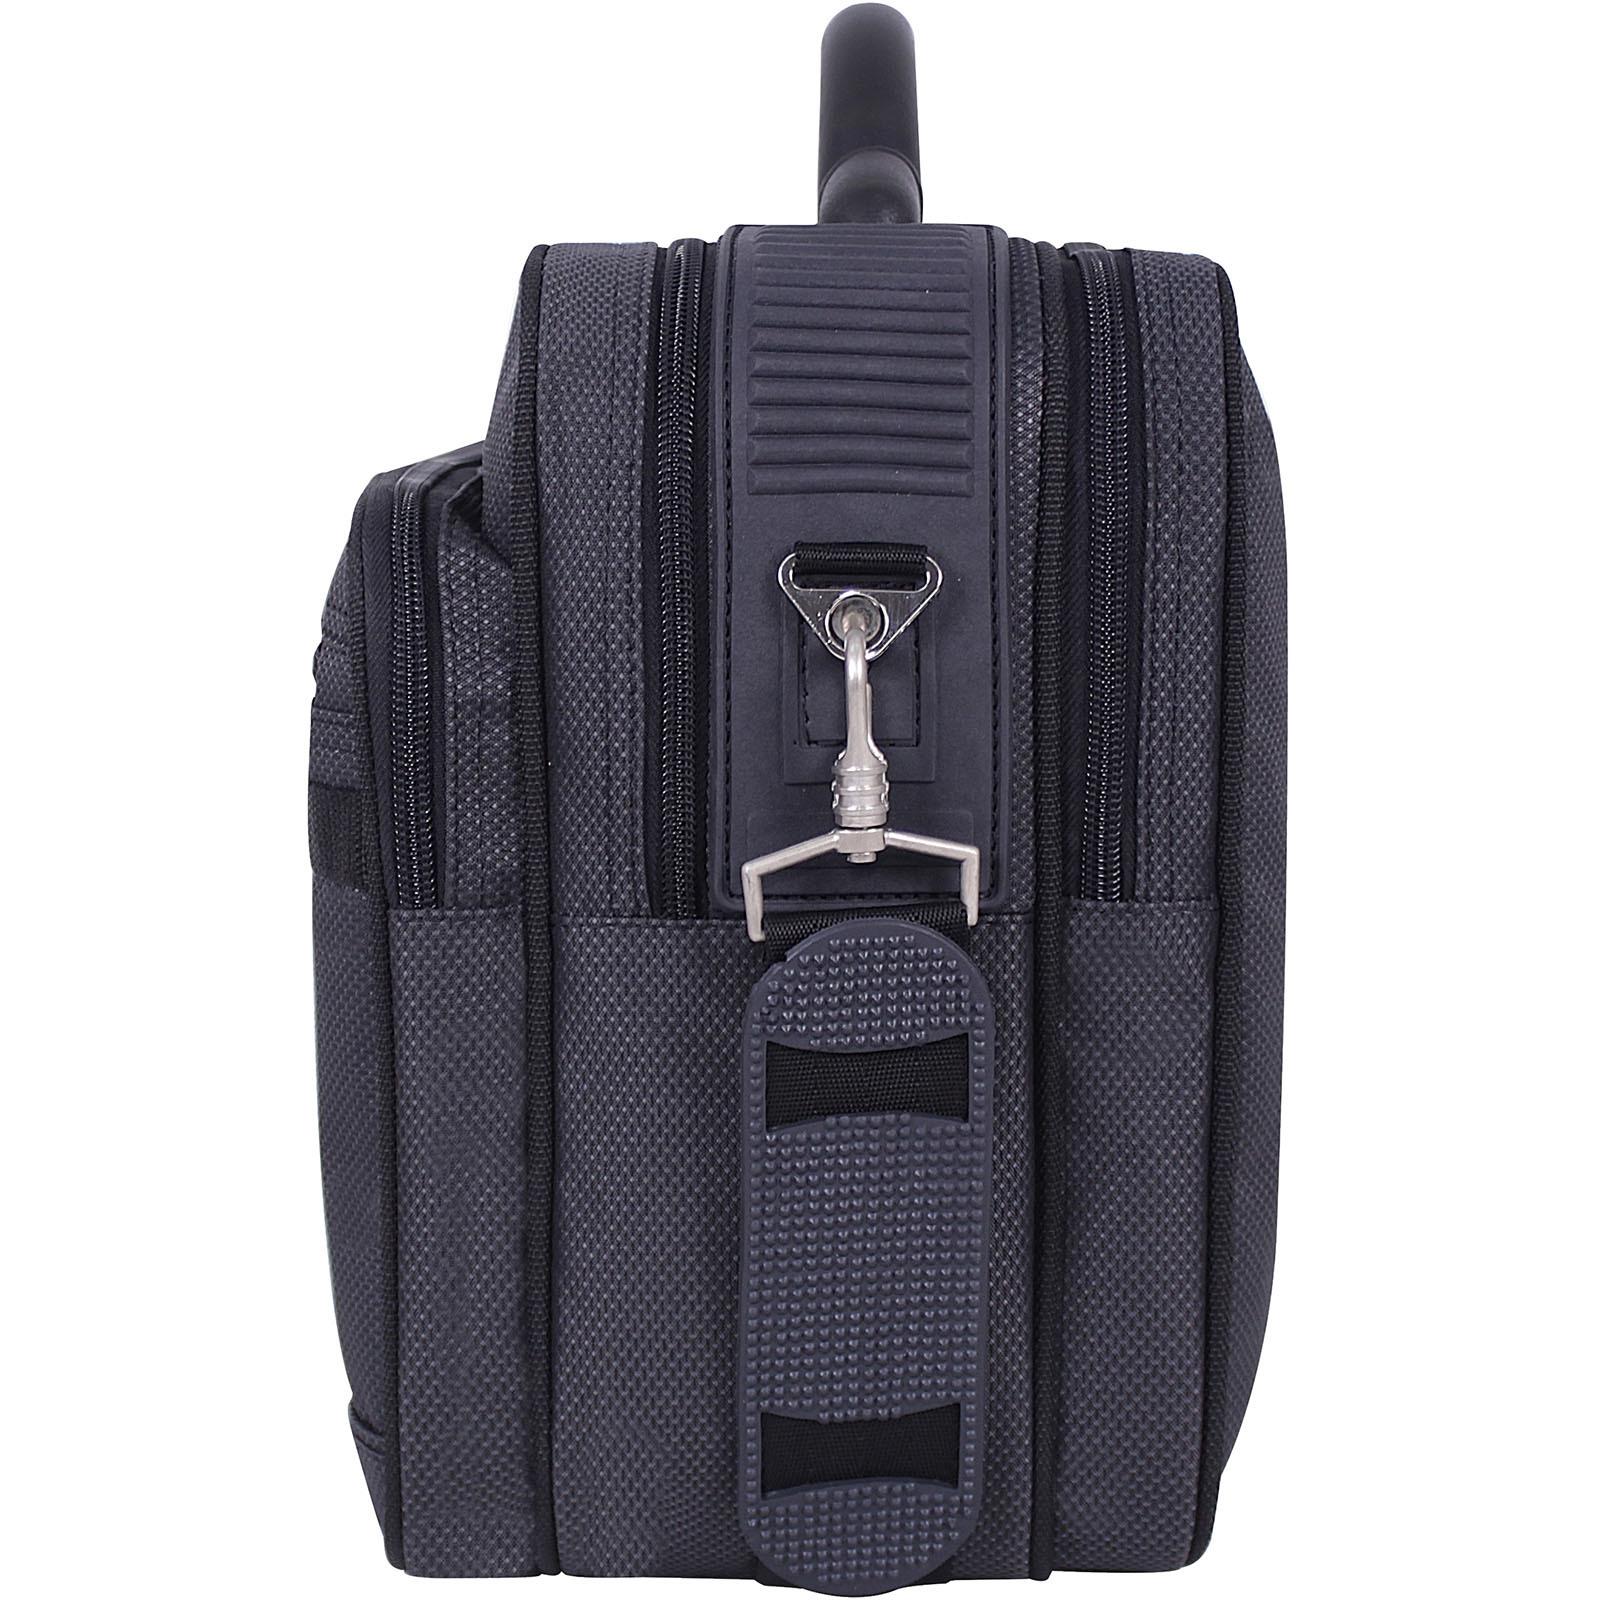 Мужская сумка Bagland Mr.Cool 15 л. Чёрный (00251169) фото 3